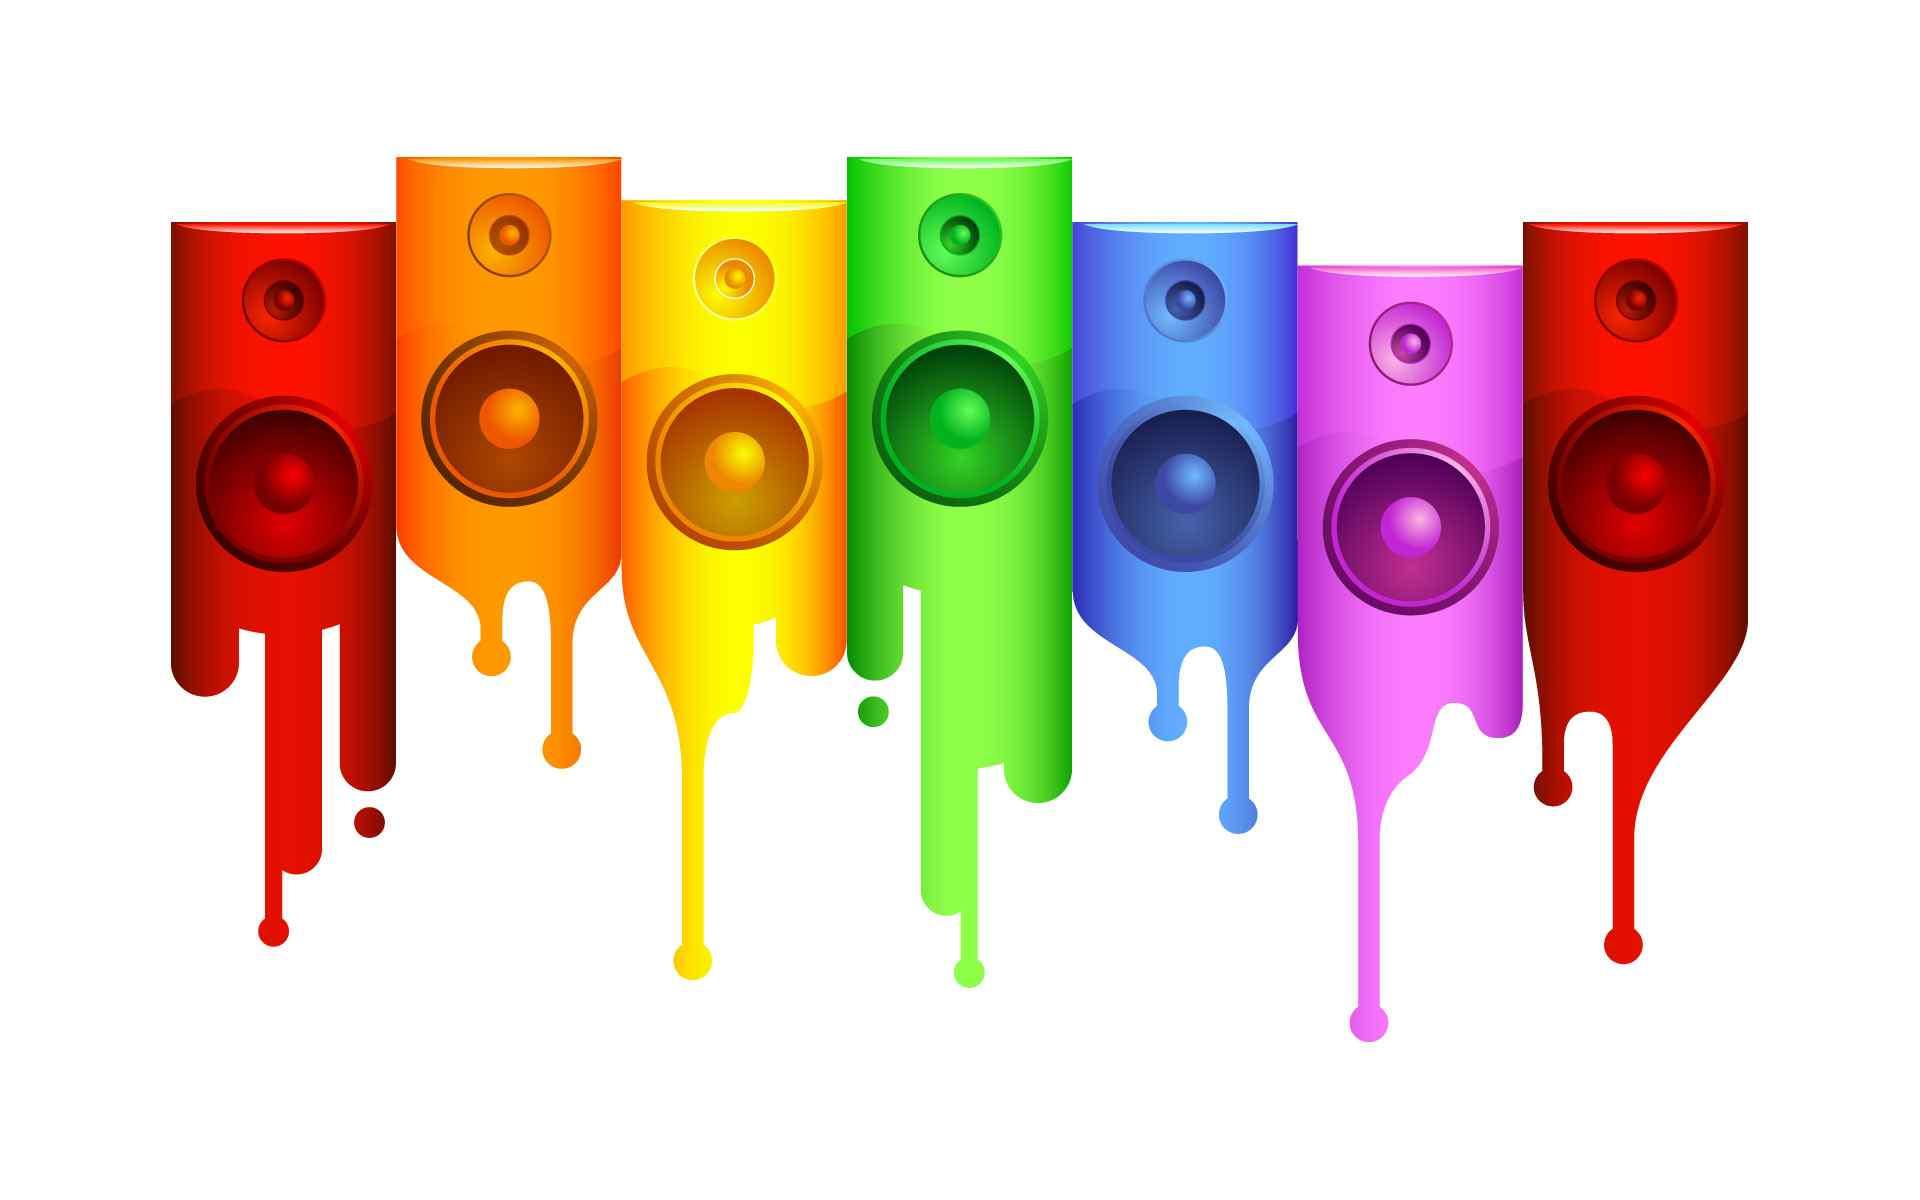 色彩斑斓艺术桌面壁纸